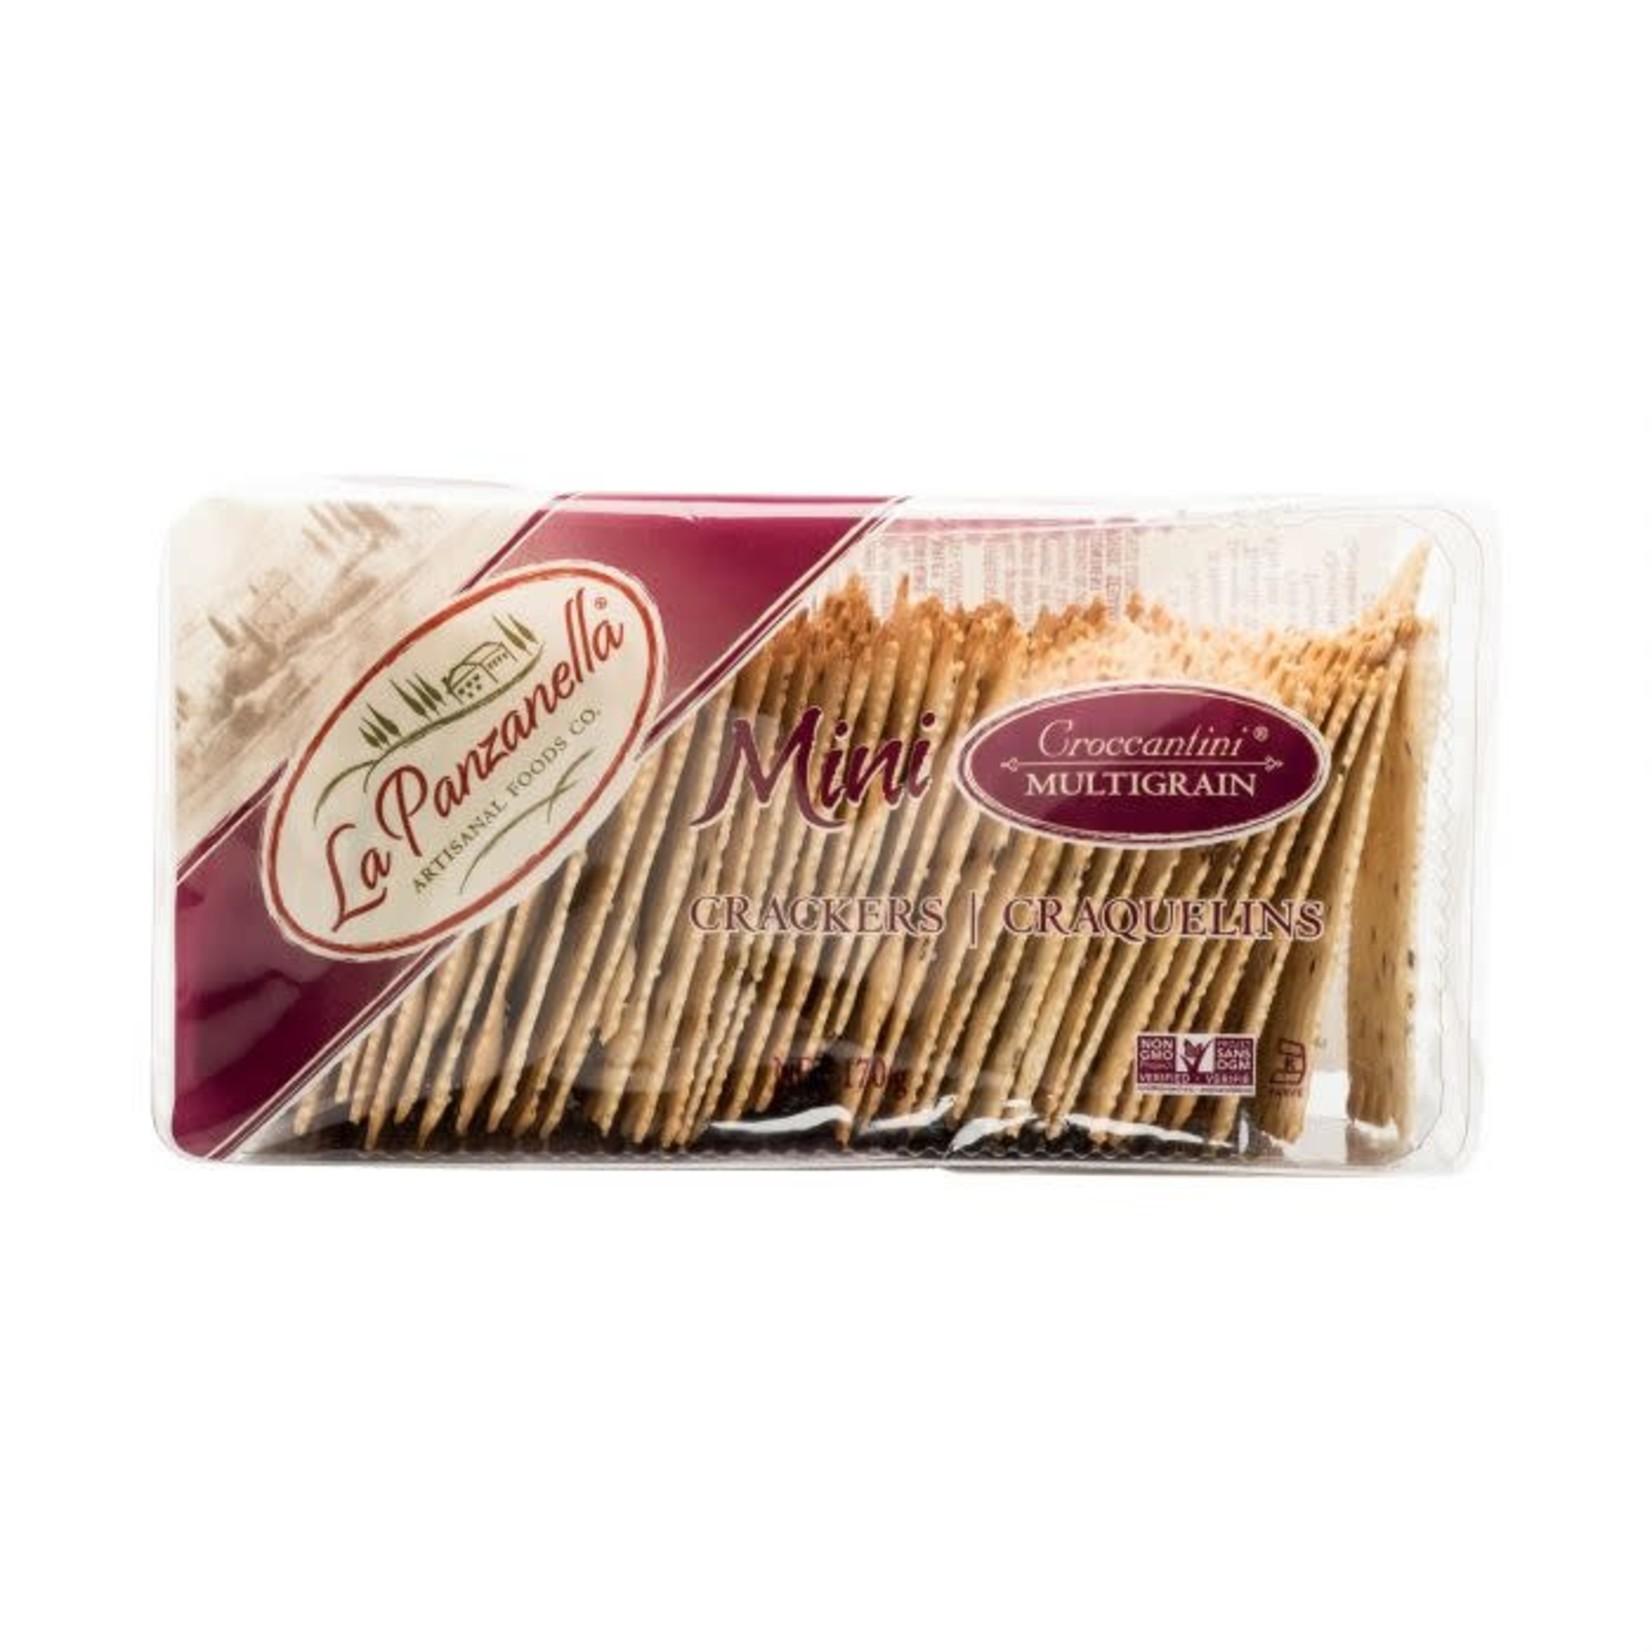 Mini Croccantini Multigrain Crackers 170g